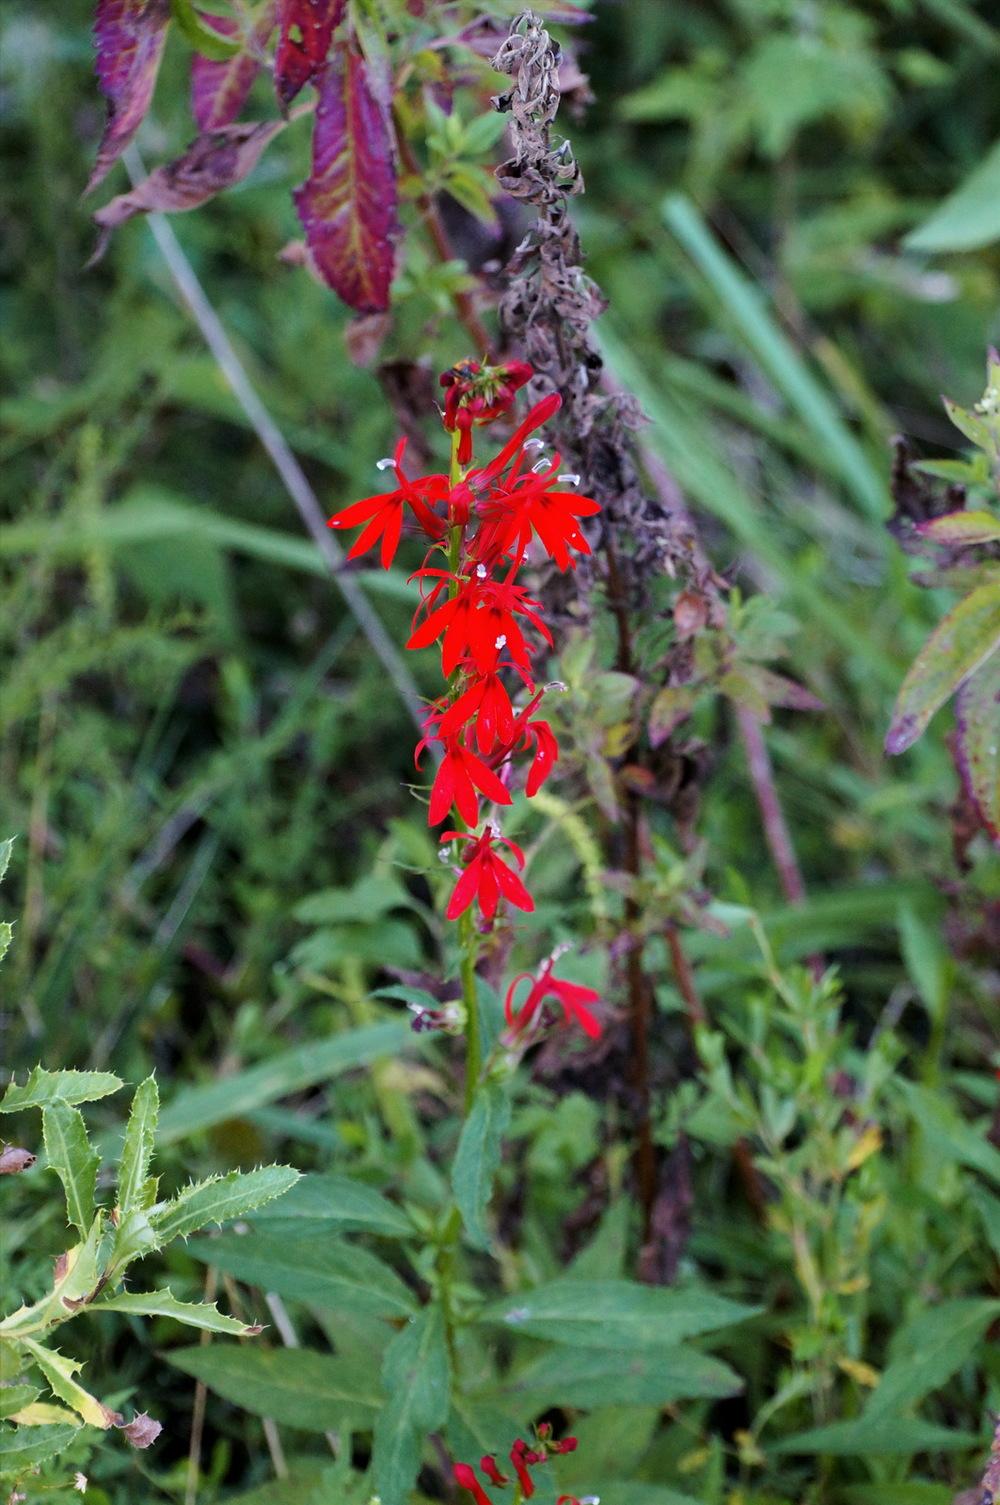 Red flower perf clr_resize.jpg